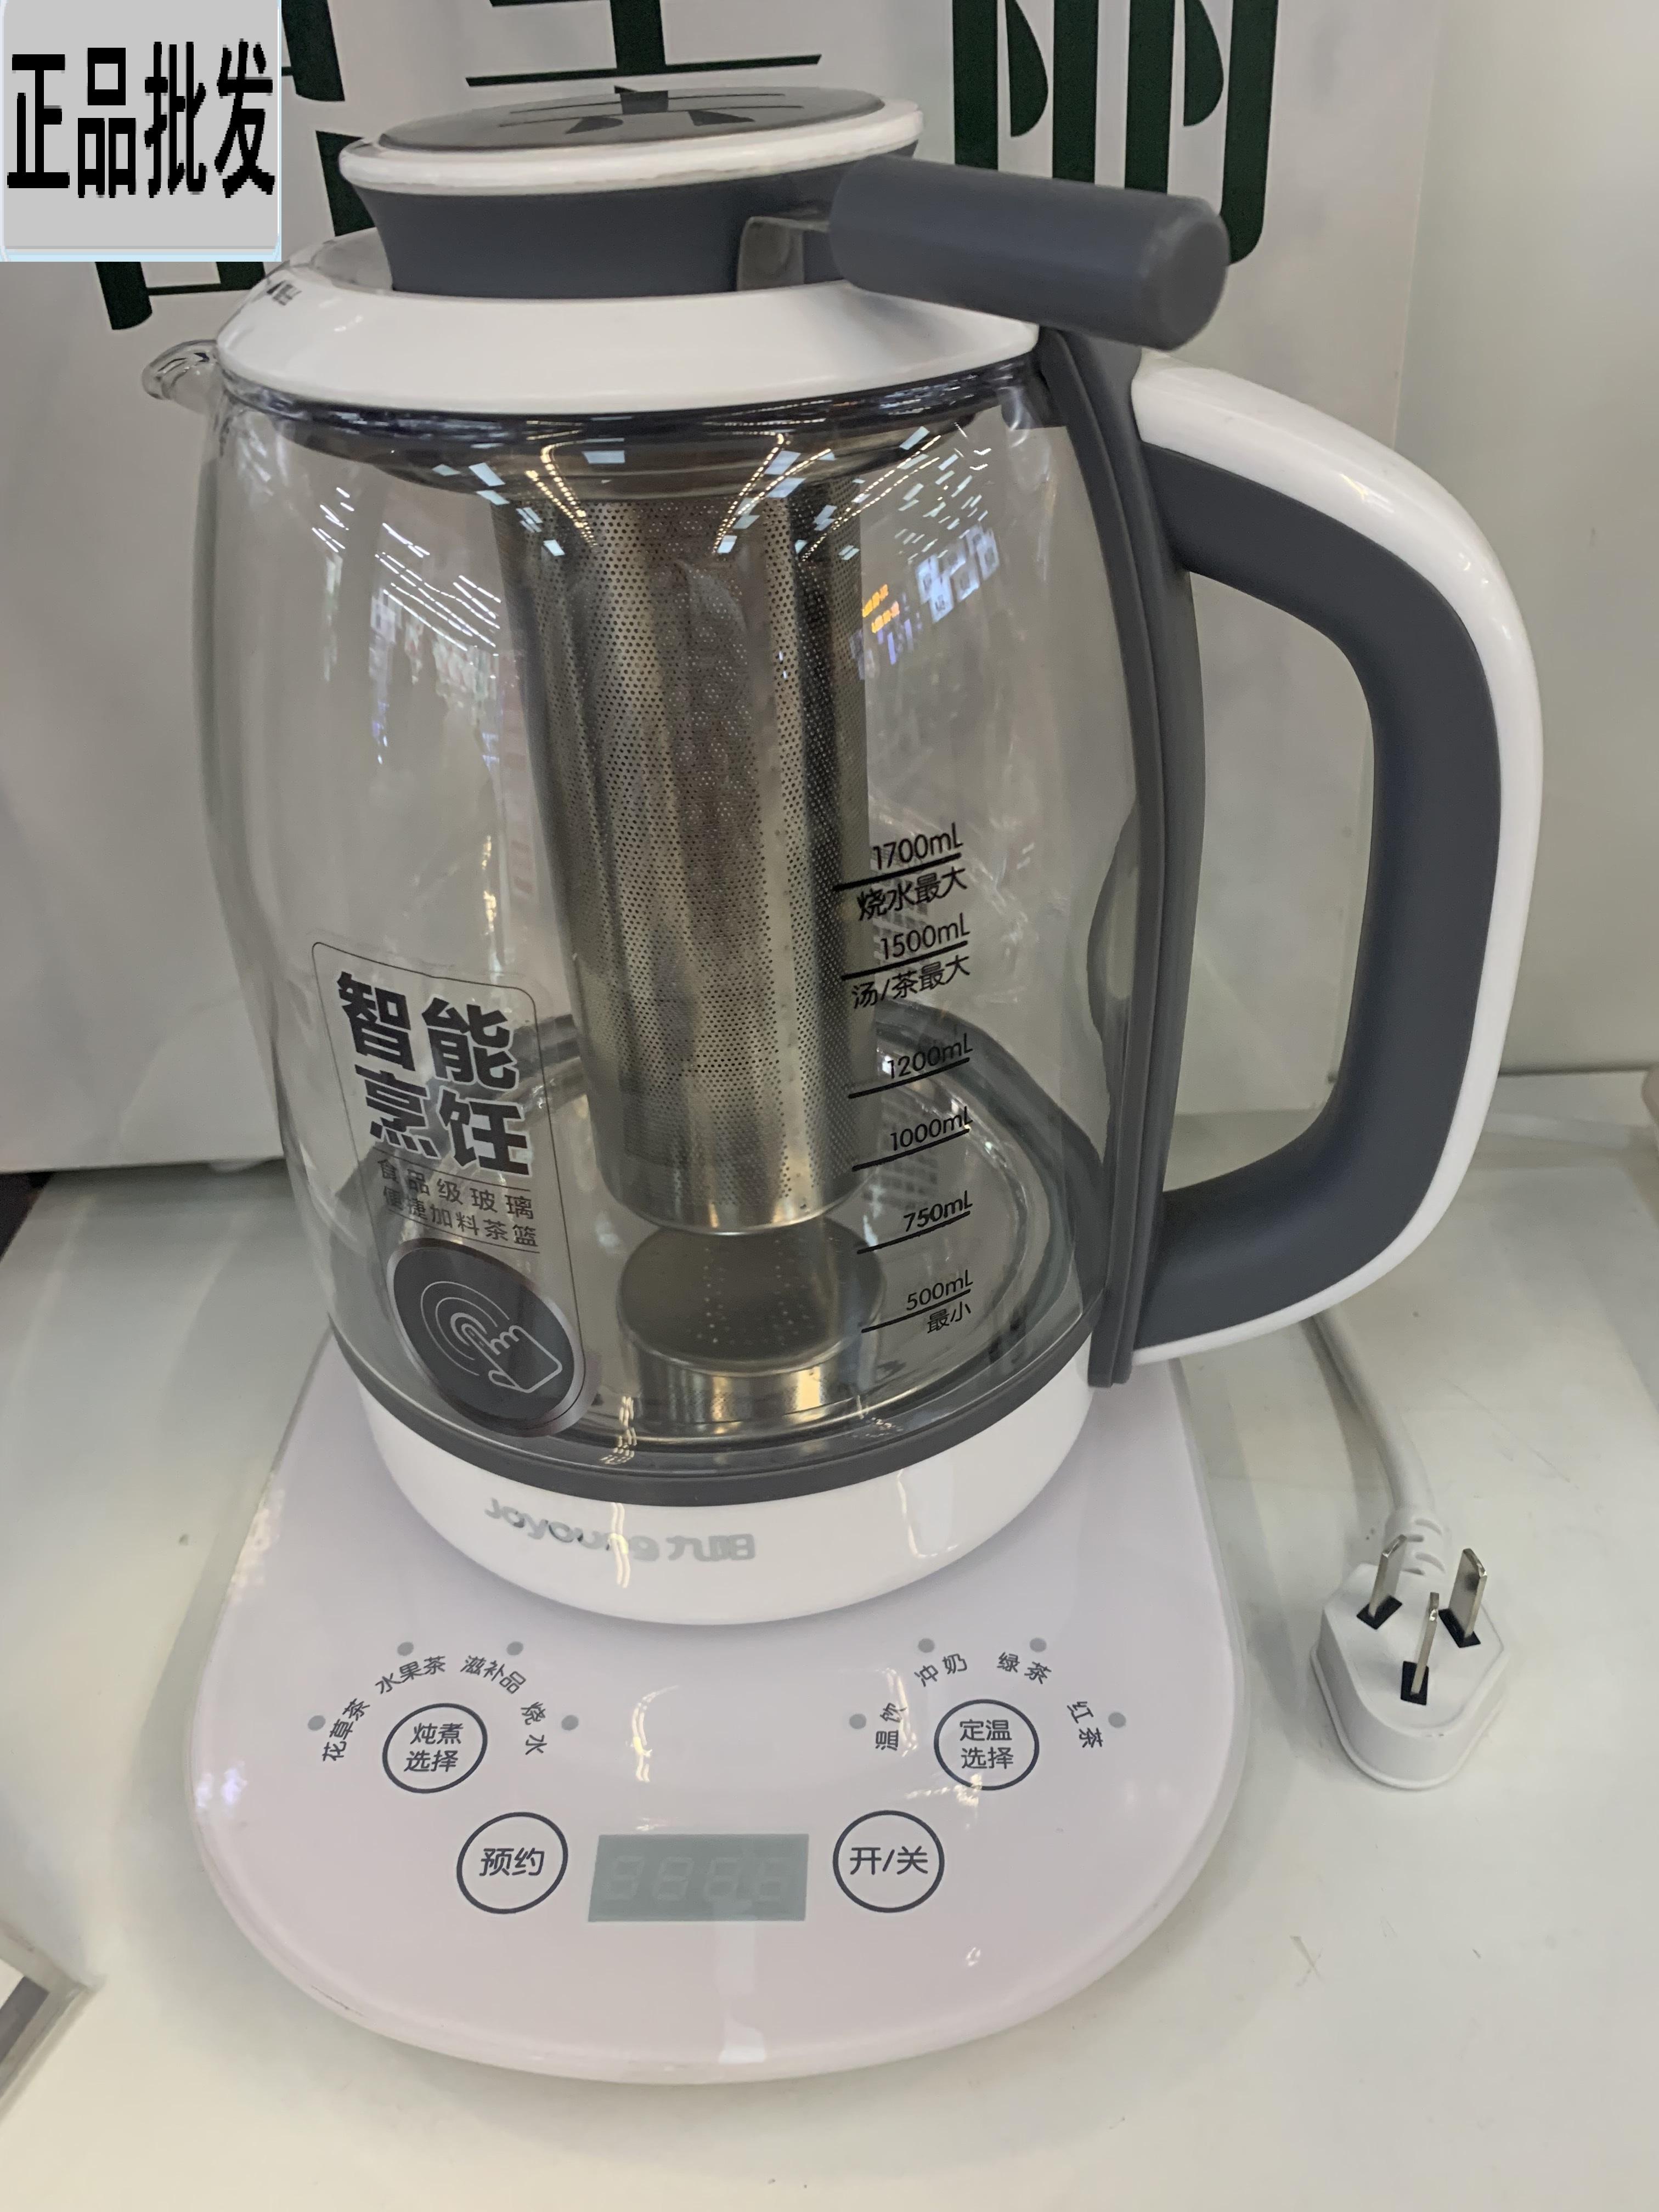 Joyoung/九阳 K17-D07/D08 养生壶 家用耐热电水壶电水煲煮茶器